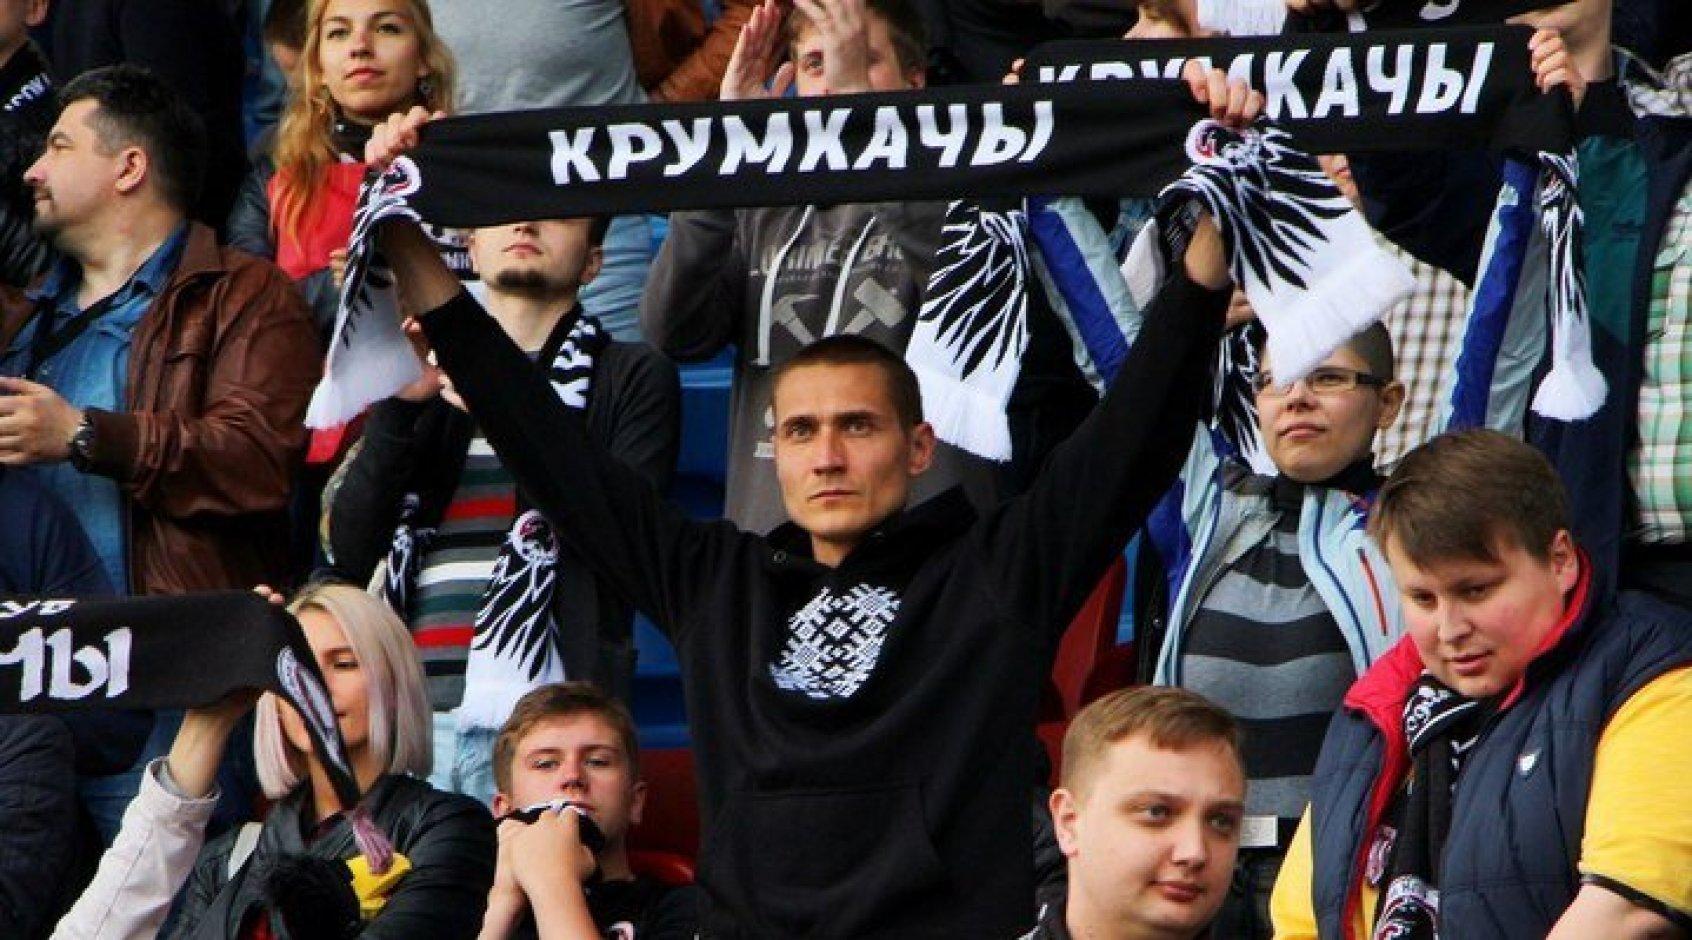 """""""Крумкачы"""" раздадут медицинские маски всем посетителям домашних матчей"""